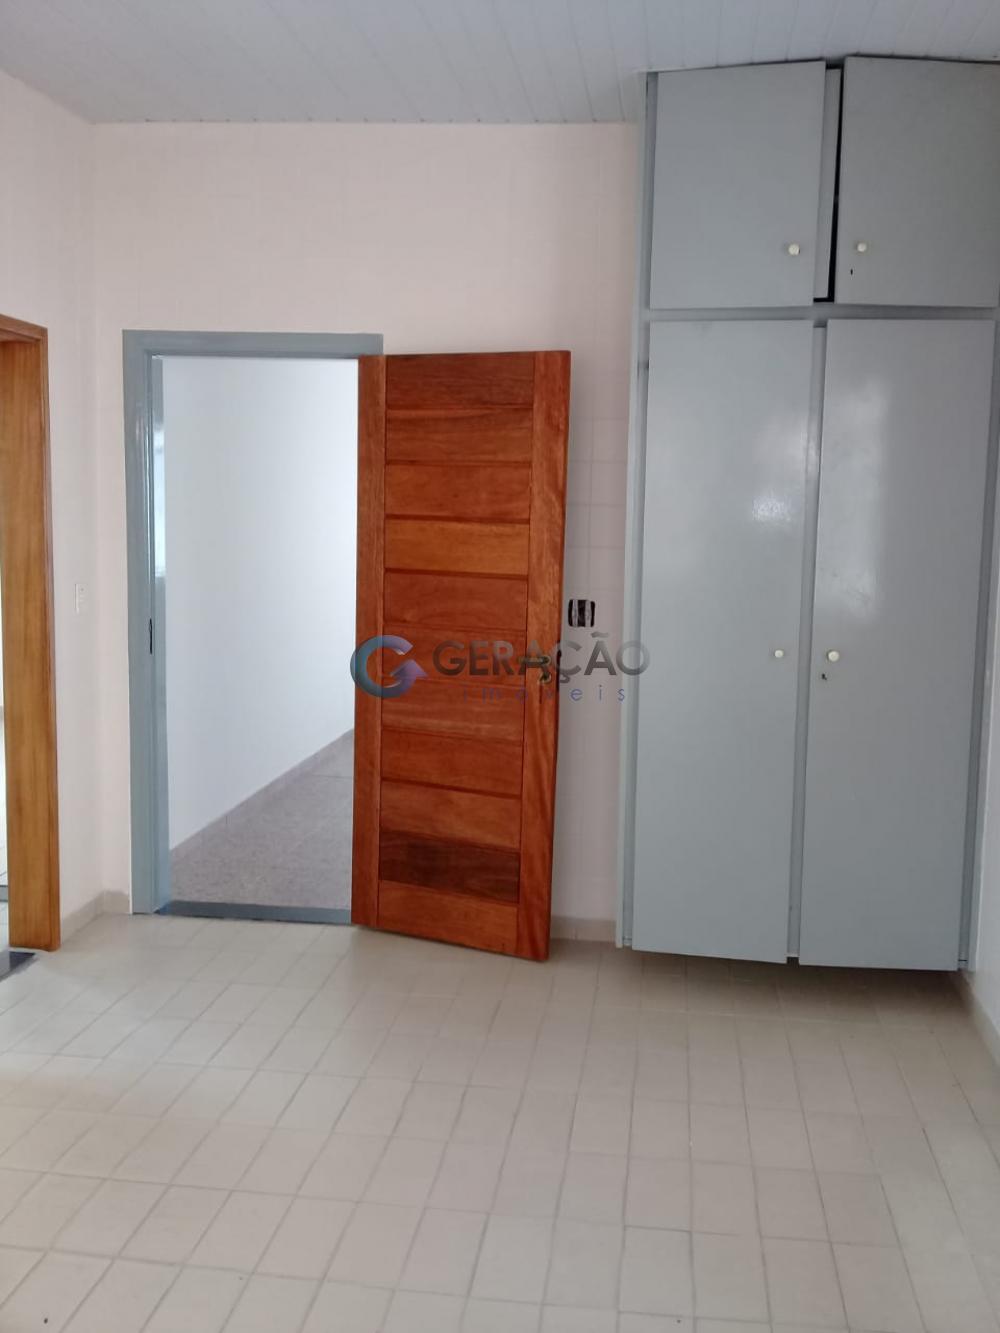 Alugar Comercial / Casa em São José dos Campos R$ 2.800,00 - Foto 6